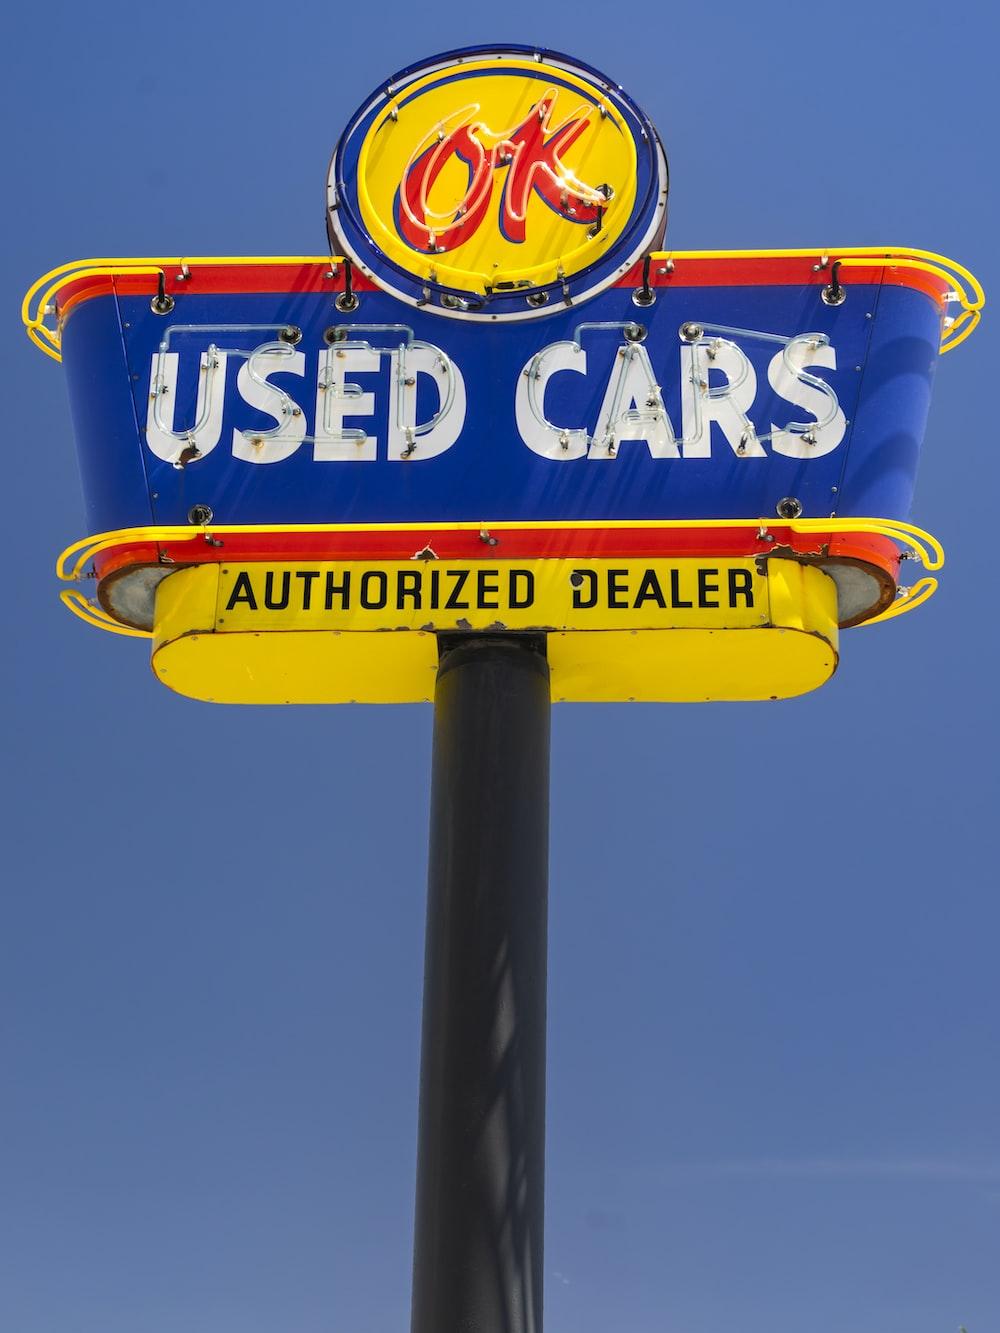 ok used cars signage